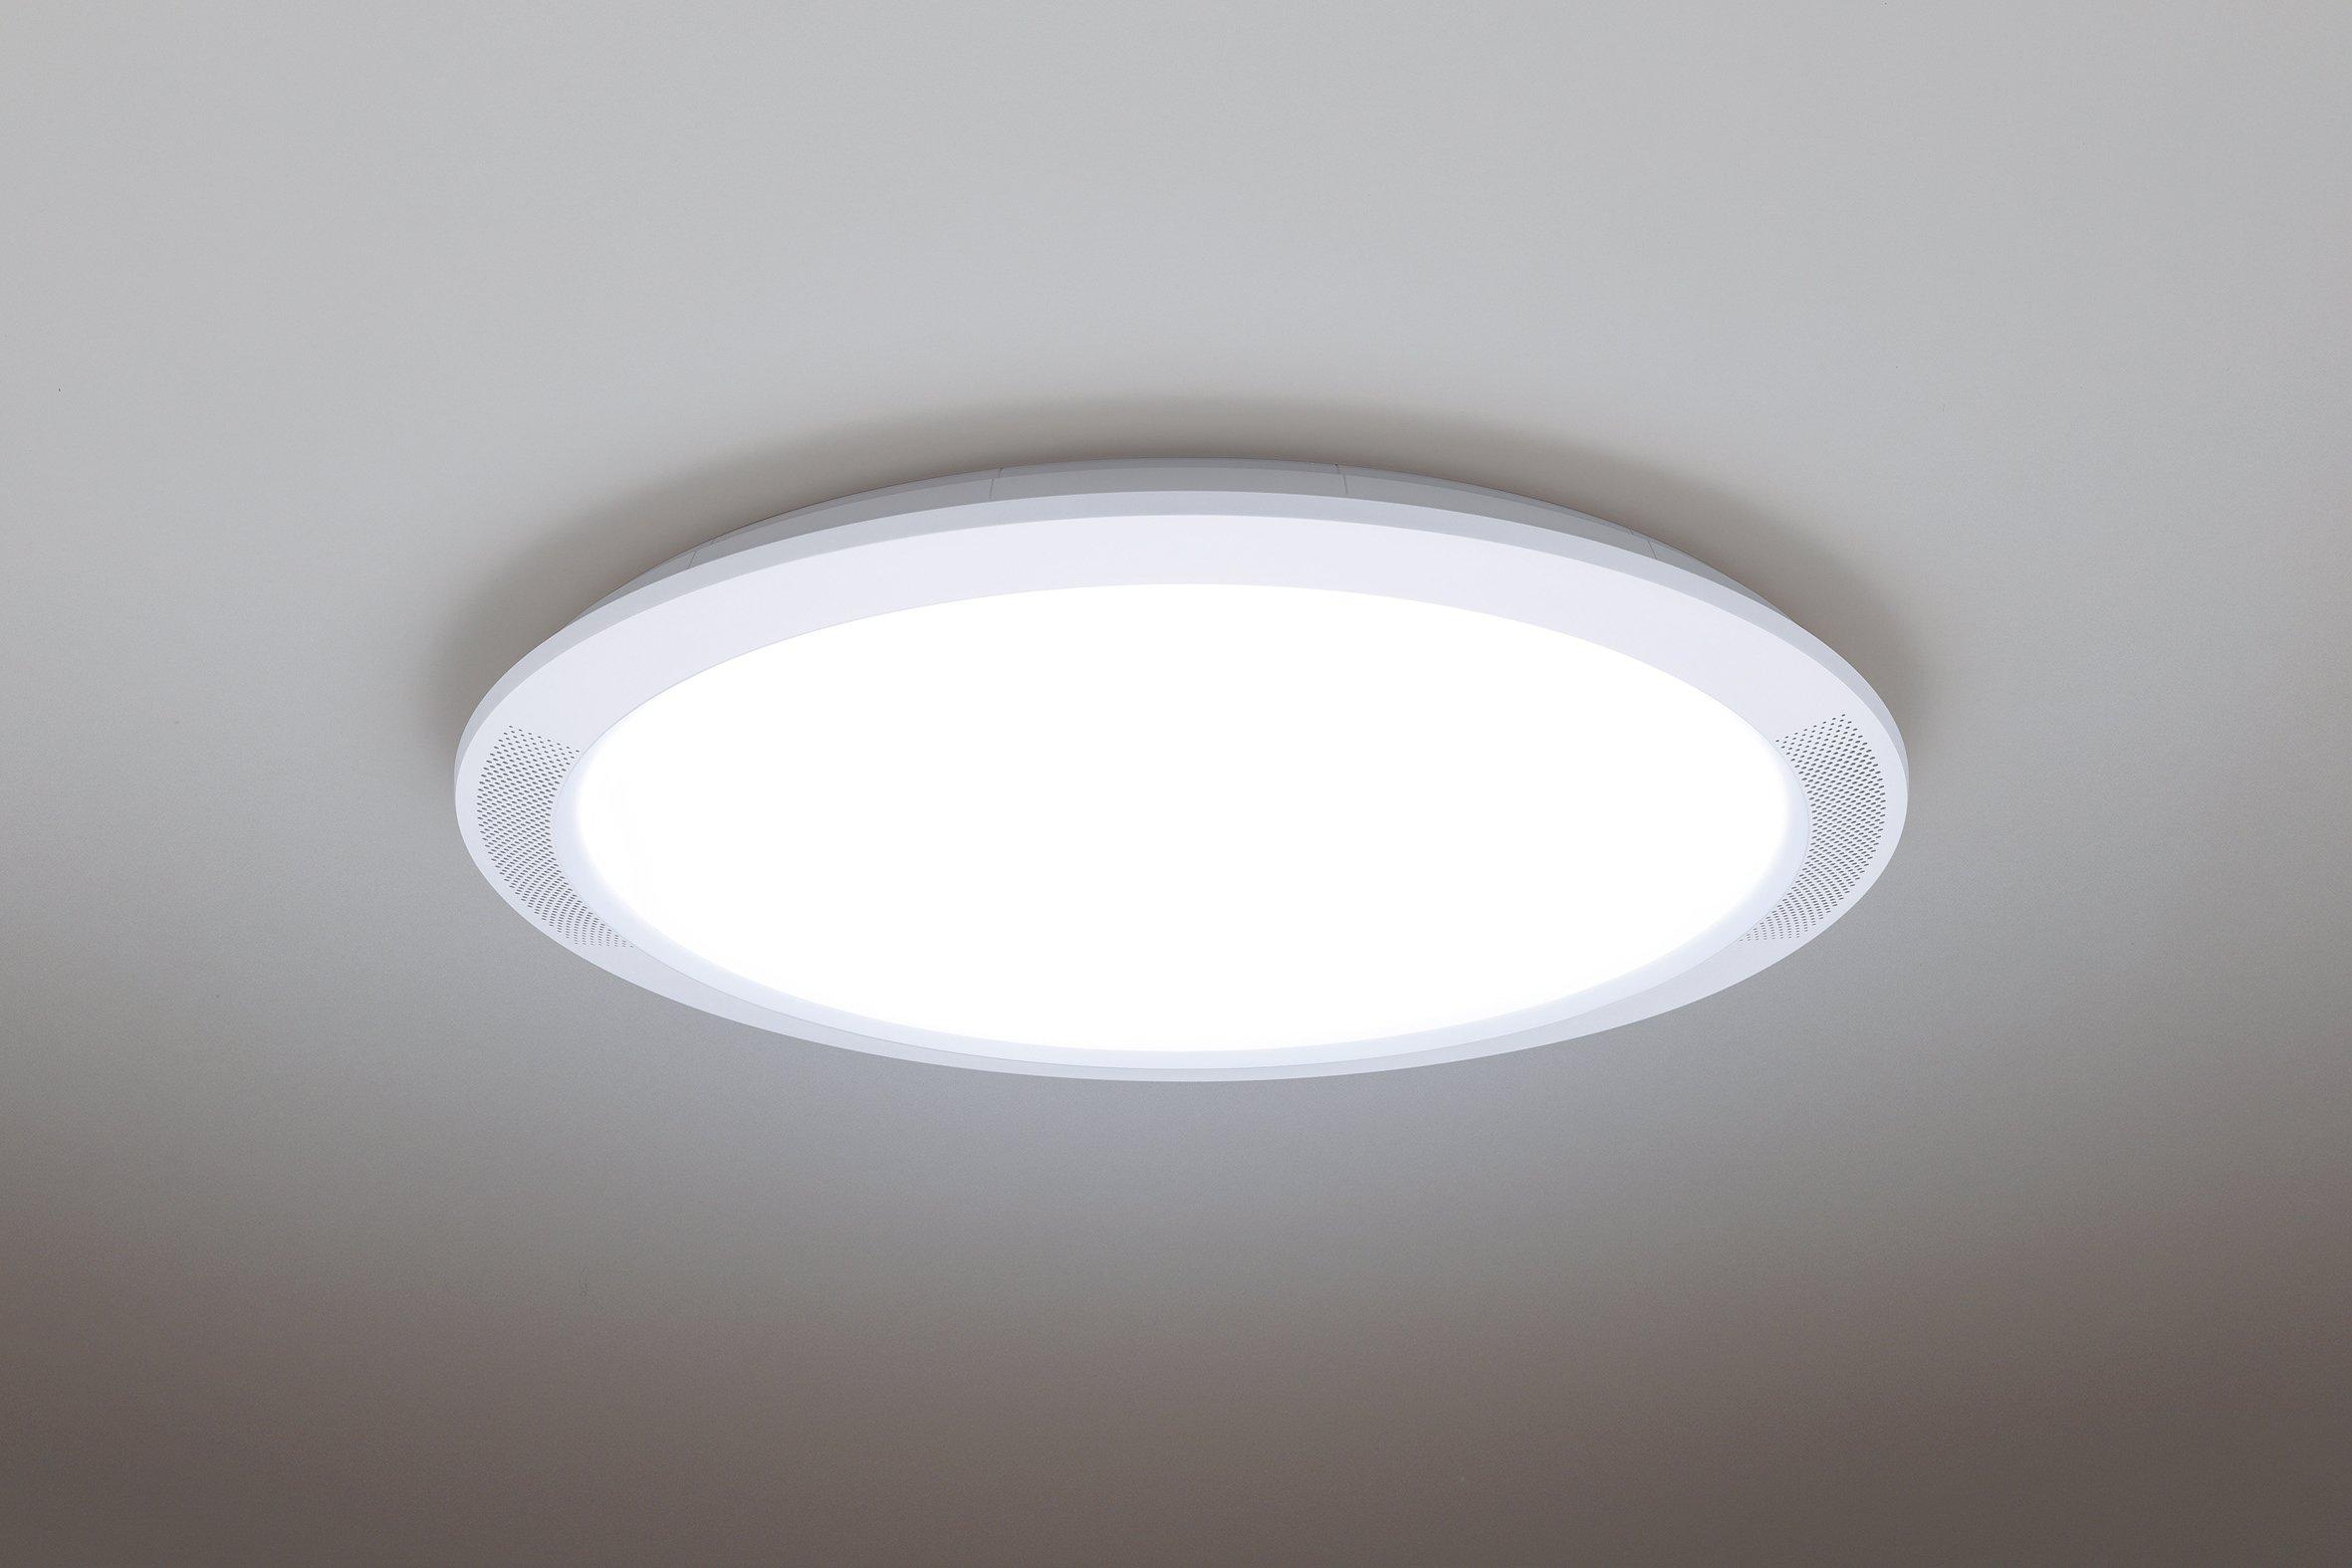 スピーカー搭載LEDシーリングライトのスタンダード(薄型)タイプ「THE SOUND」